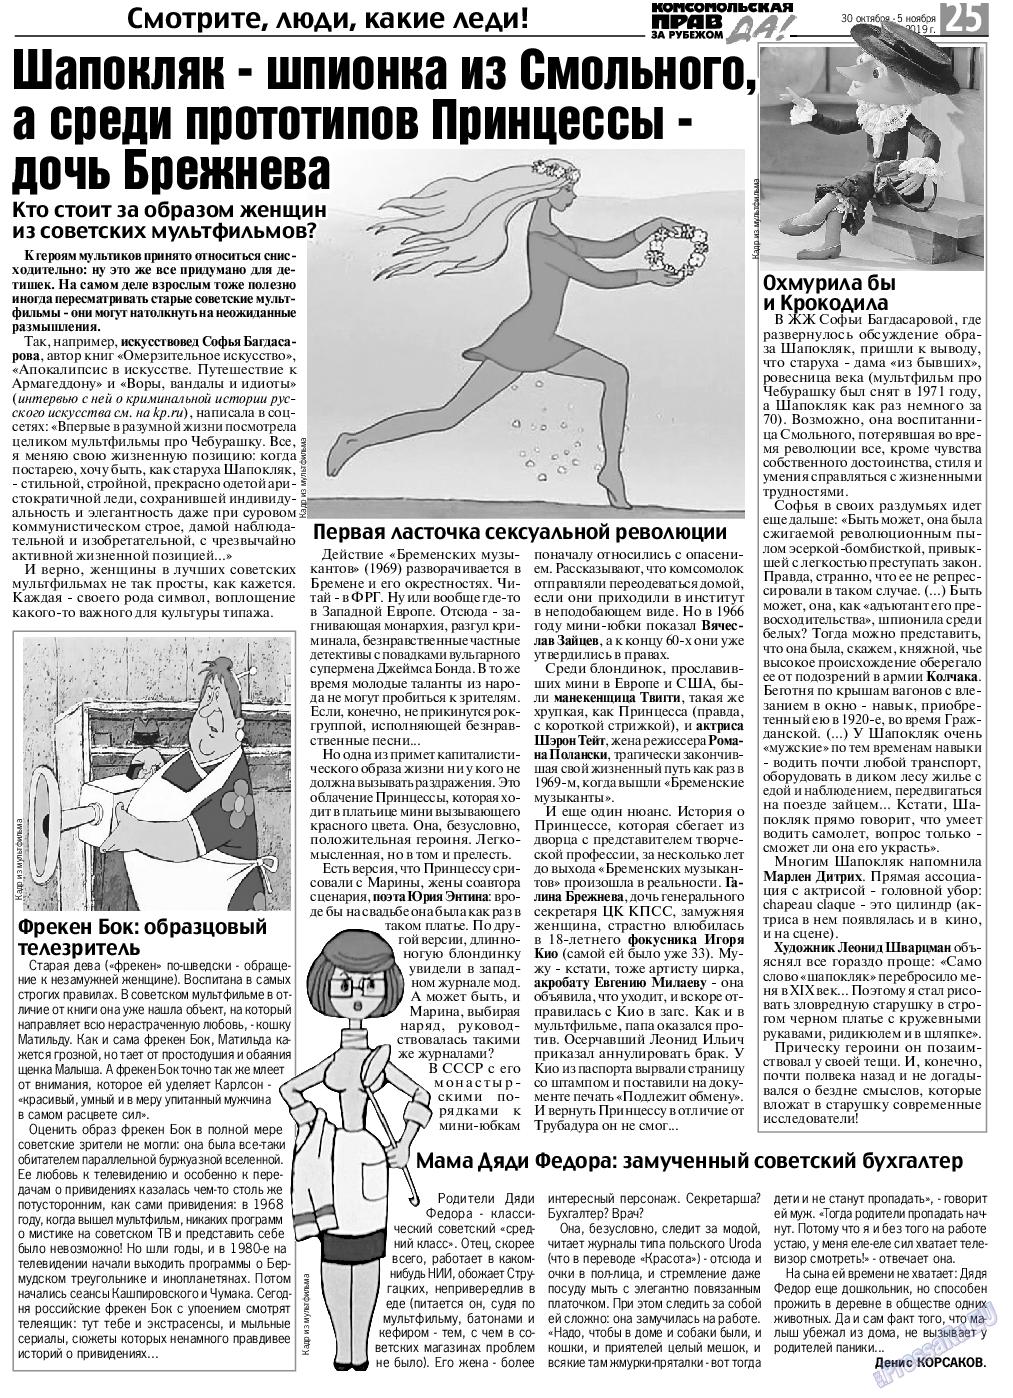 КП в Европе (газета). 2019 год, номер 44, стр. 25